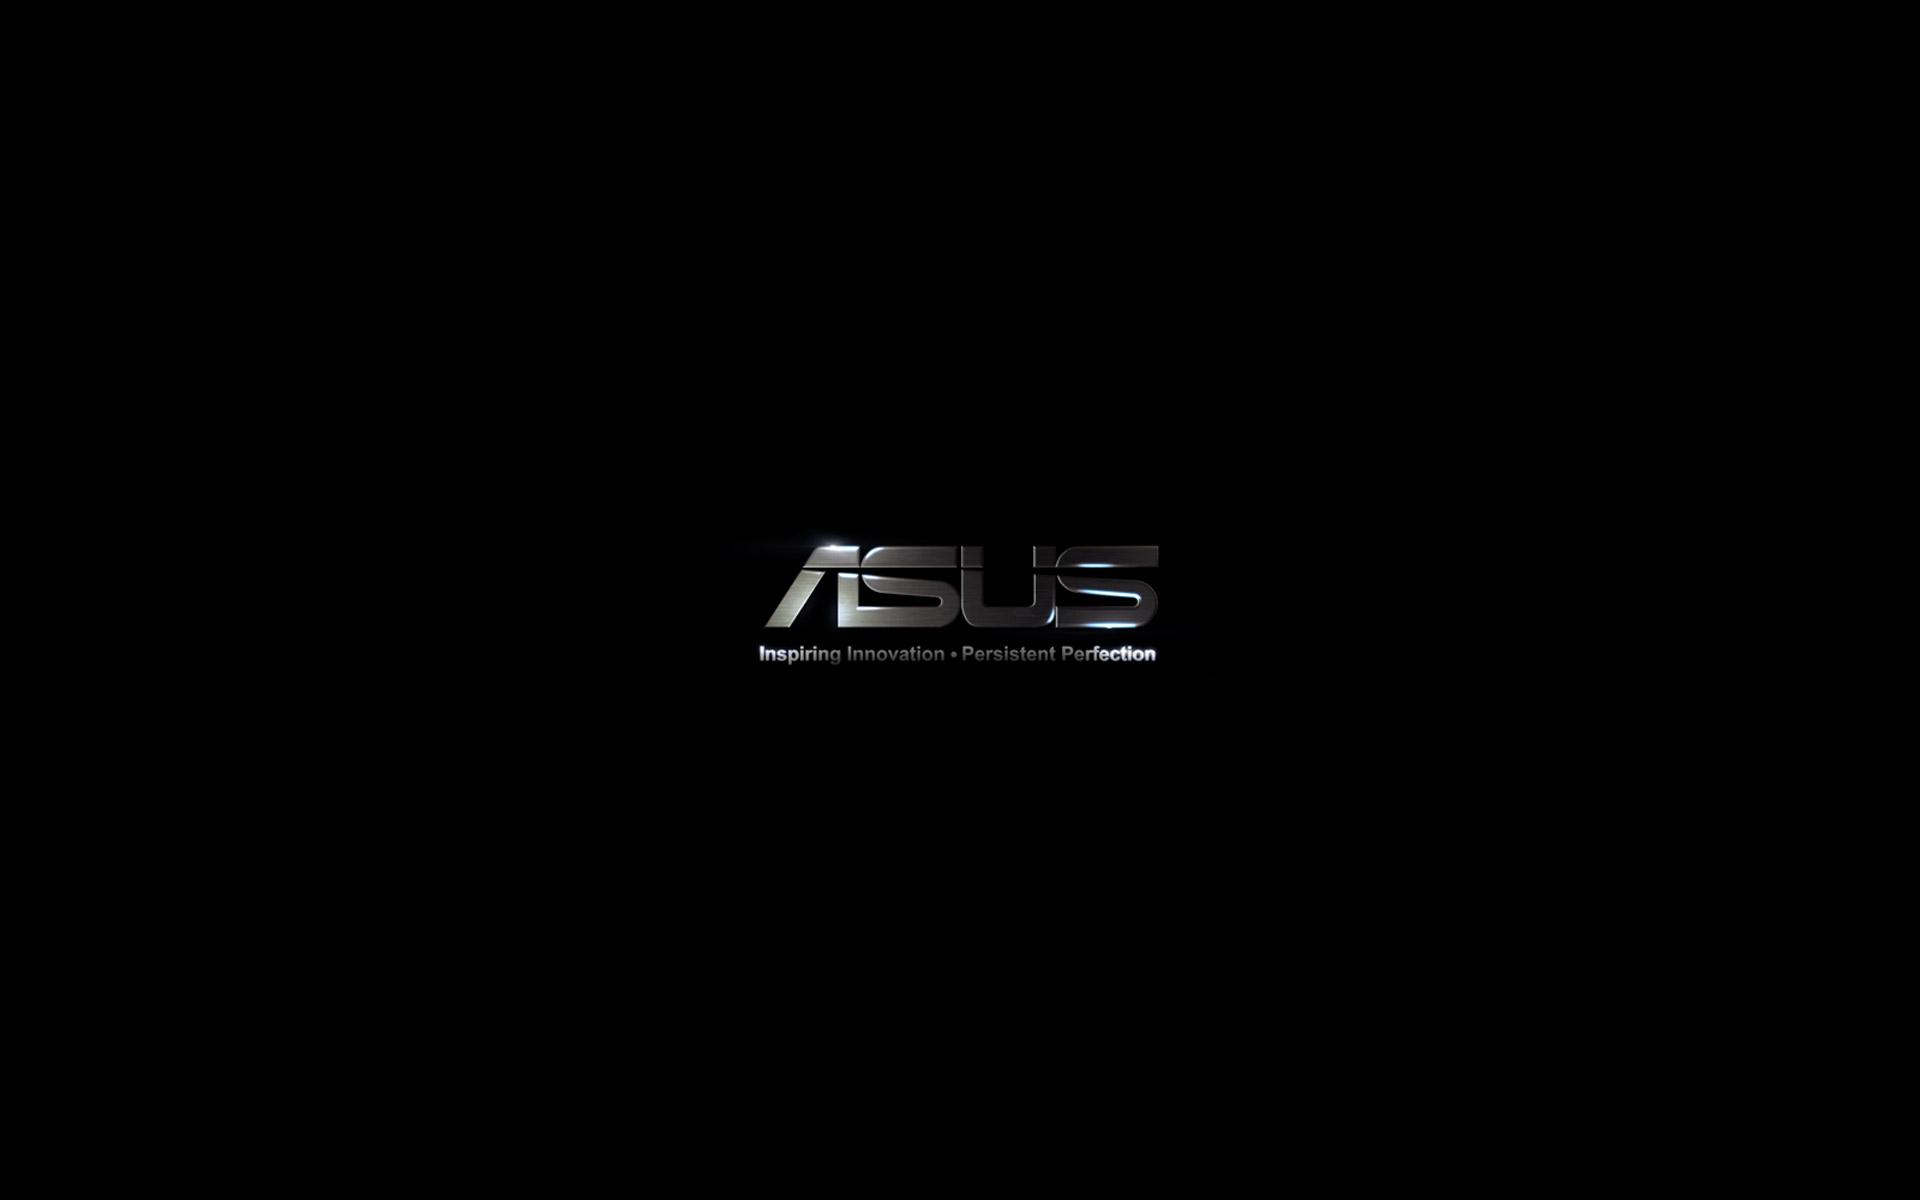 Asus Laptop Wallpaper: ASUS Wallpaper Full HD